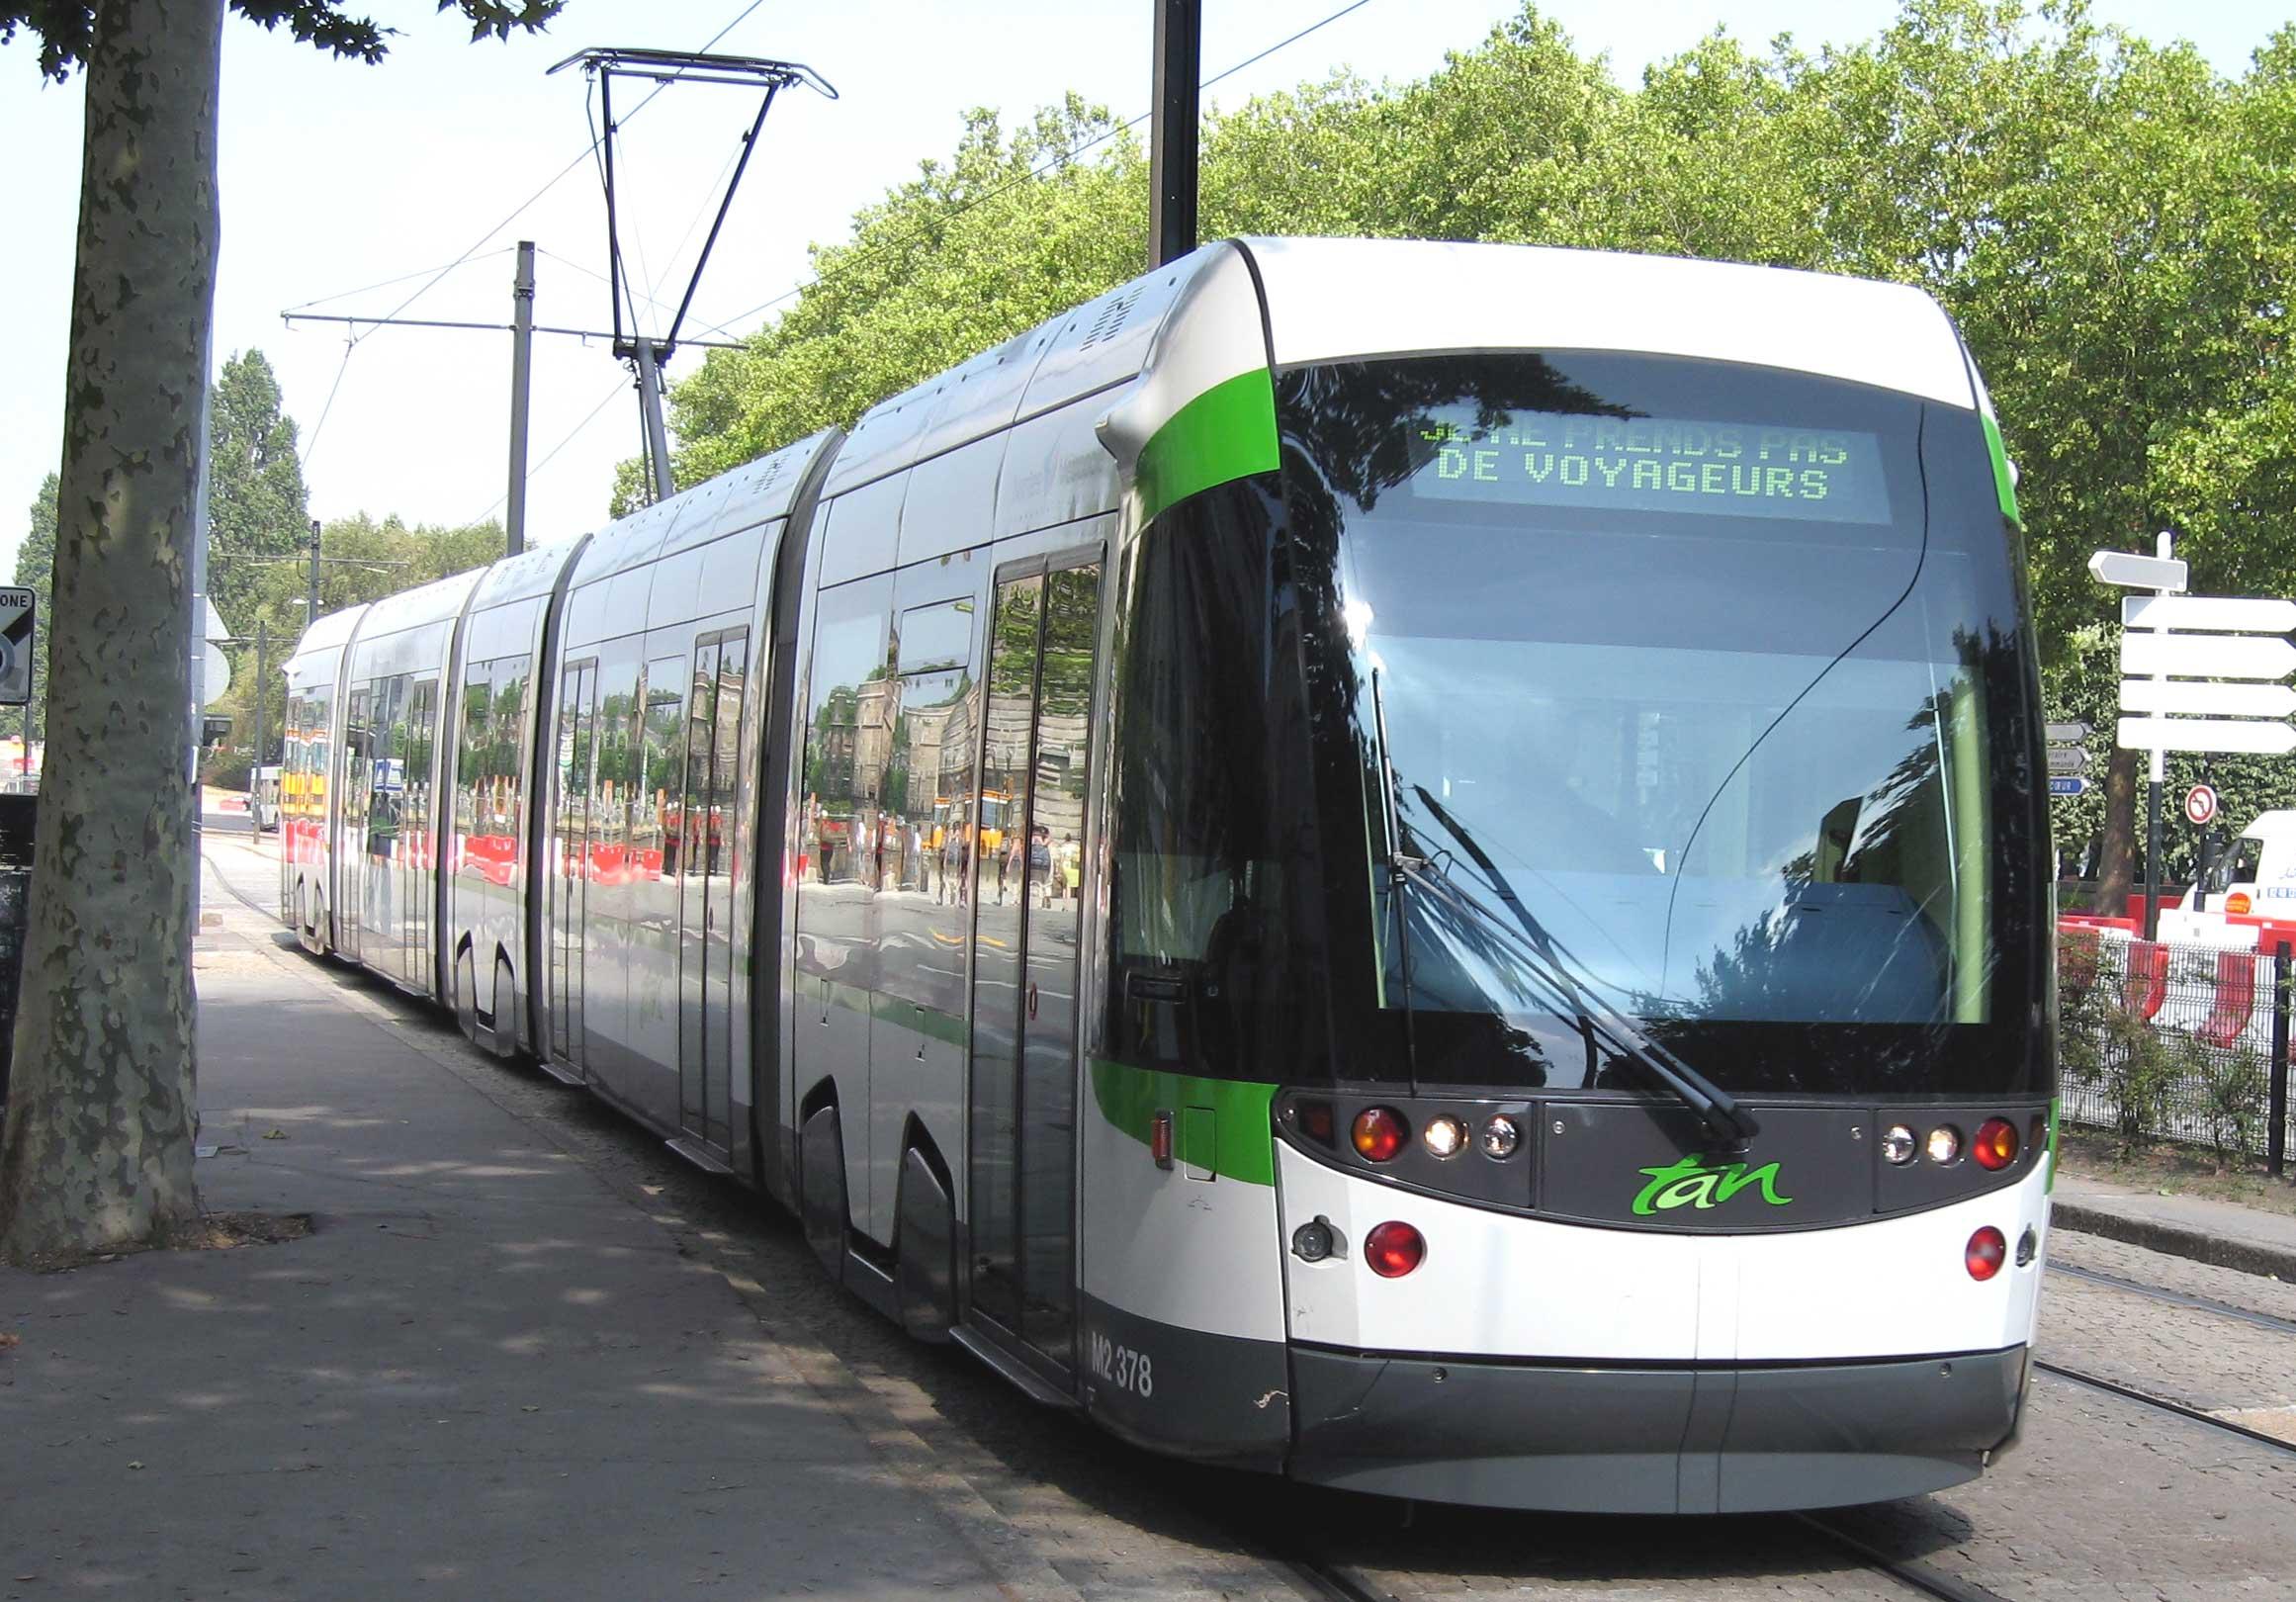 Железнодорожный транспорт во Франции — Википедия